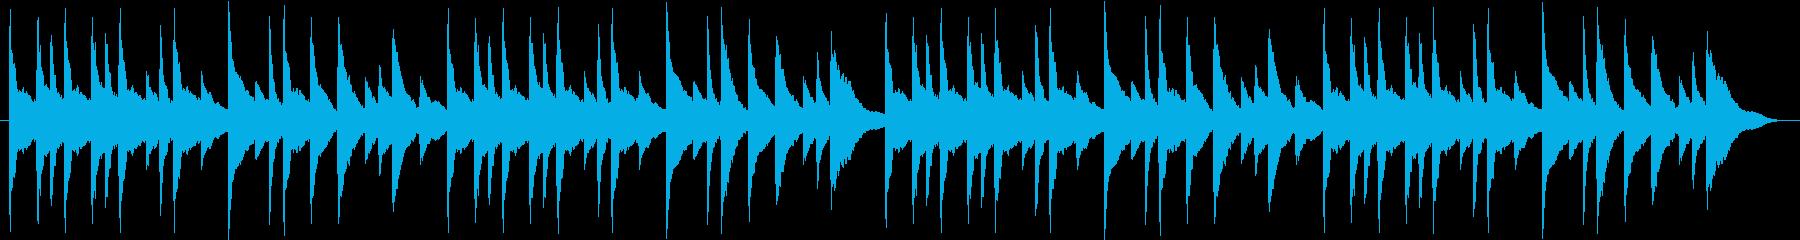 お正月の歌「たこたこあがれ」(琴)の再生済みの波形